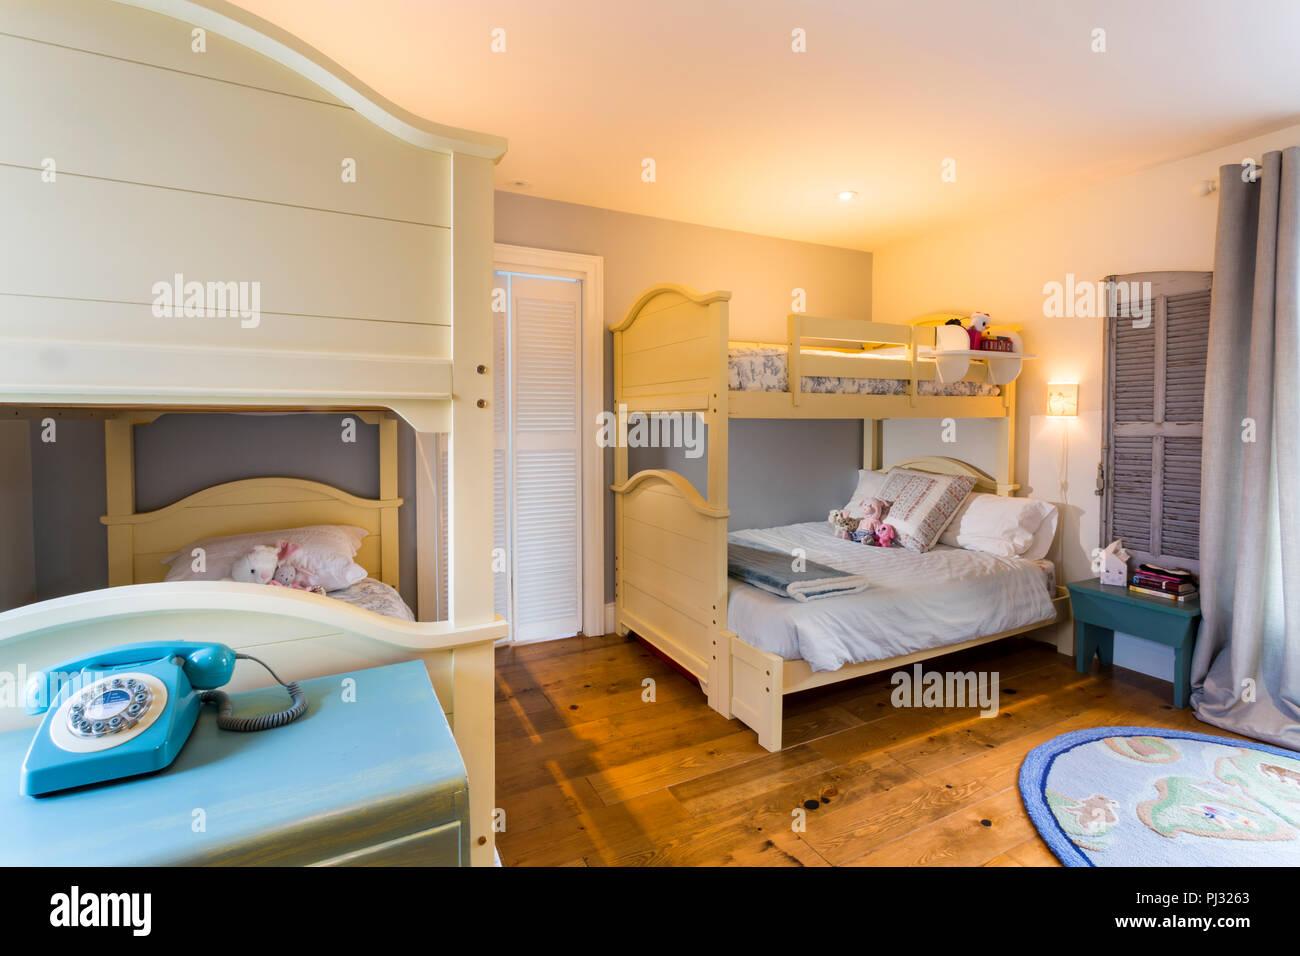 Etagenbett Für Jungs : Kinder s schlafzimmer mit etagenbett stockfoto bild